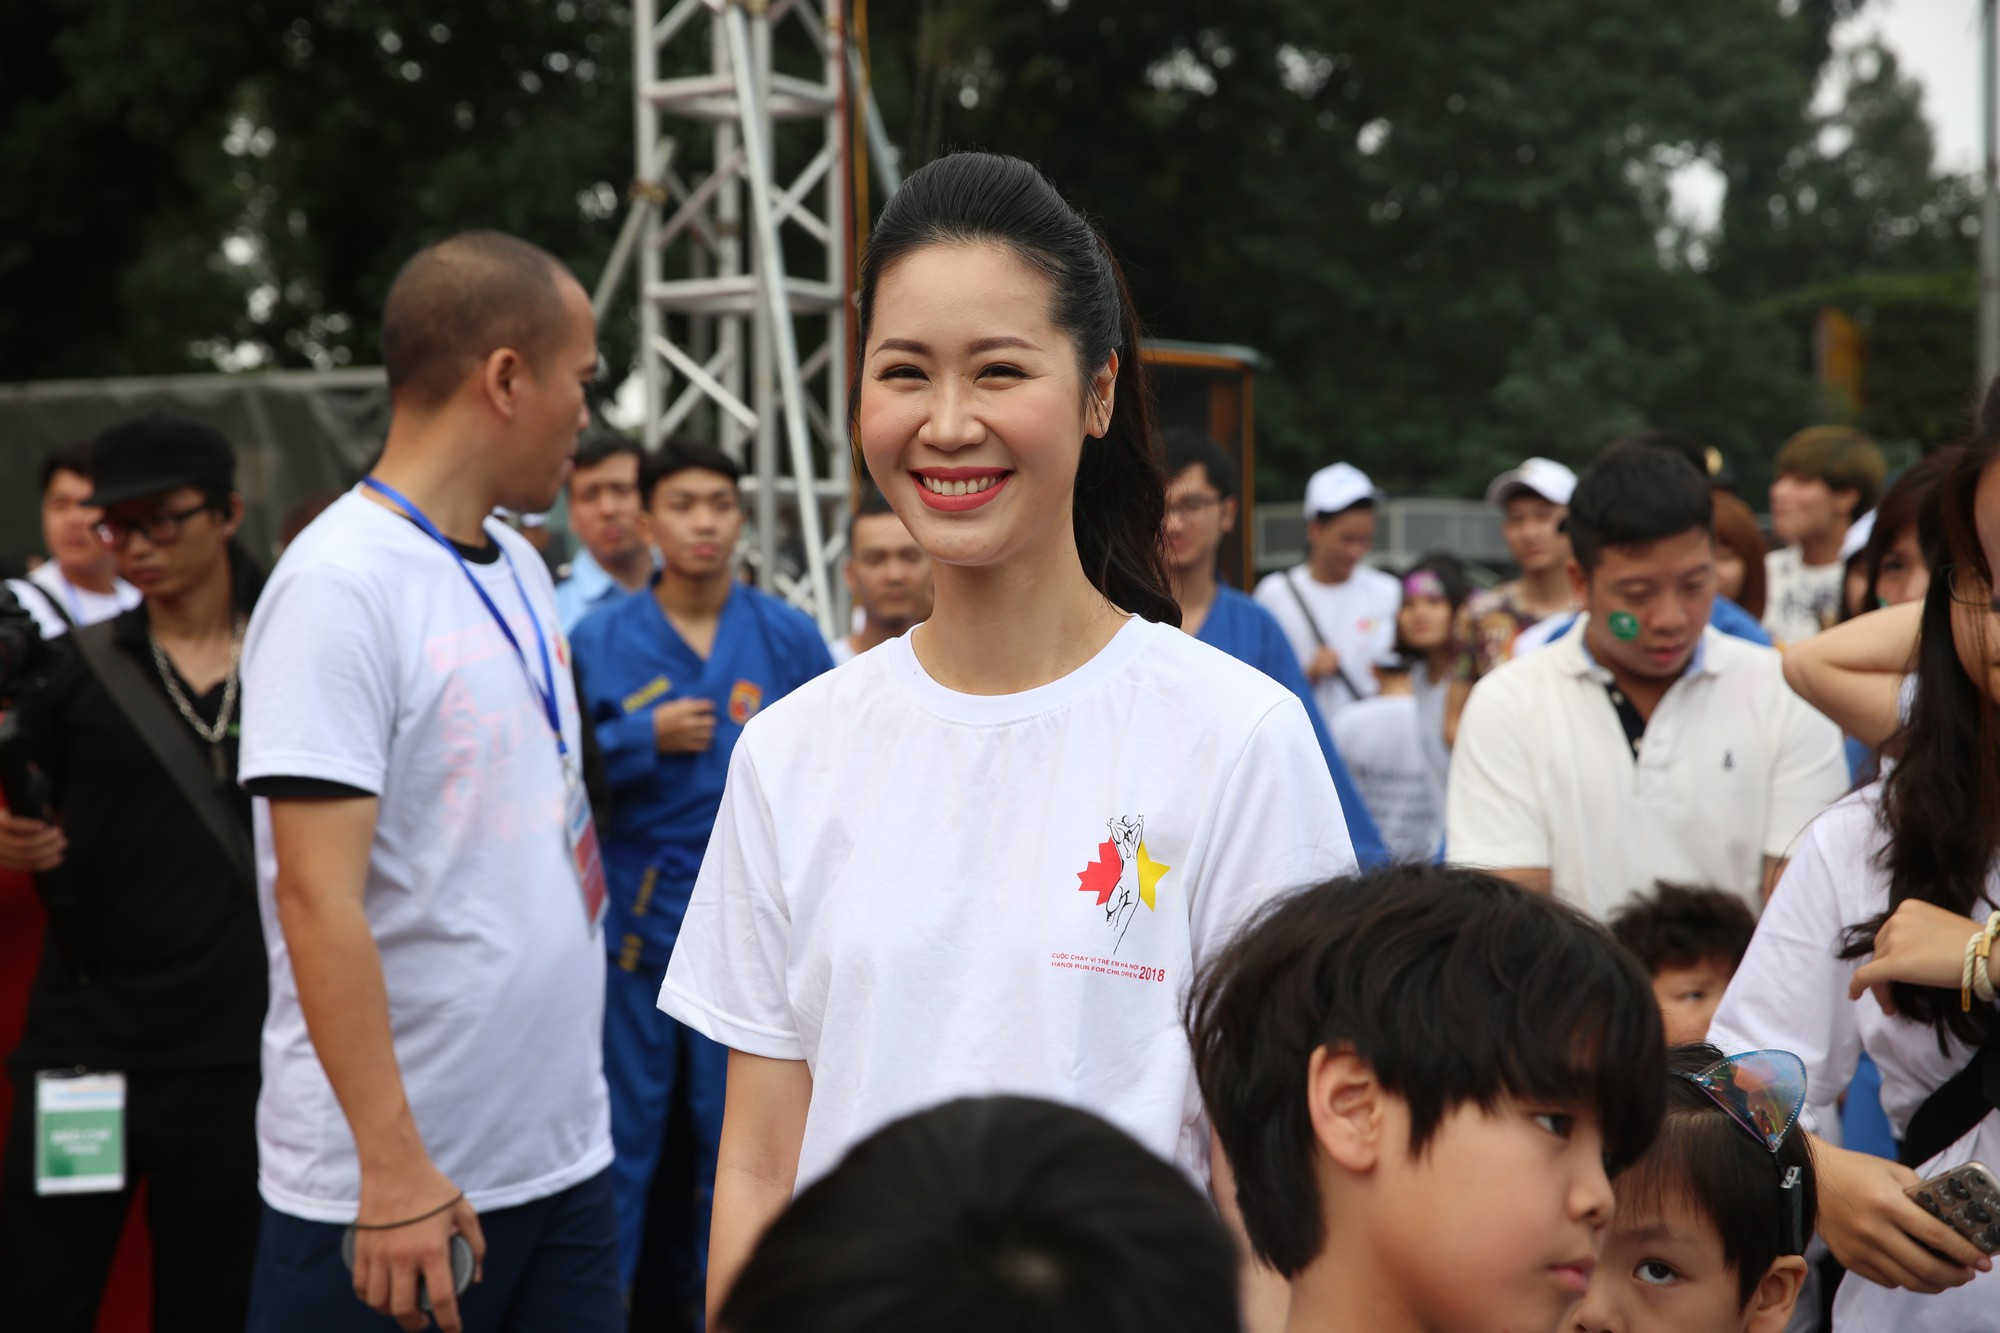 Chạy vì trẻ em Hà Nội 2018 thu hút hàng nghìn người tham dự, quyên góp hơn 1 tỷ đồng - Ảnh 10.